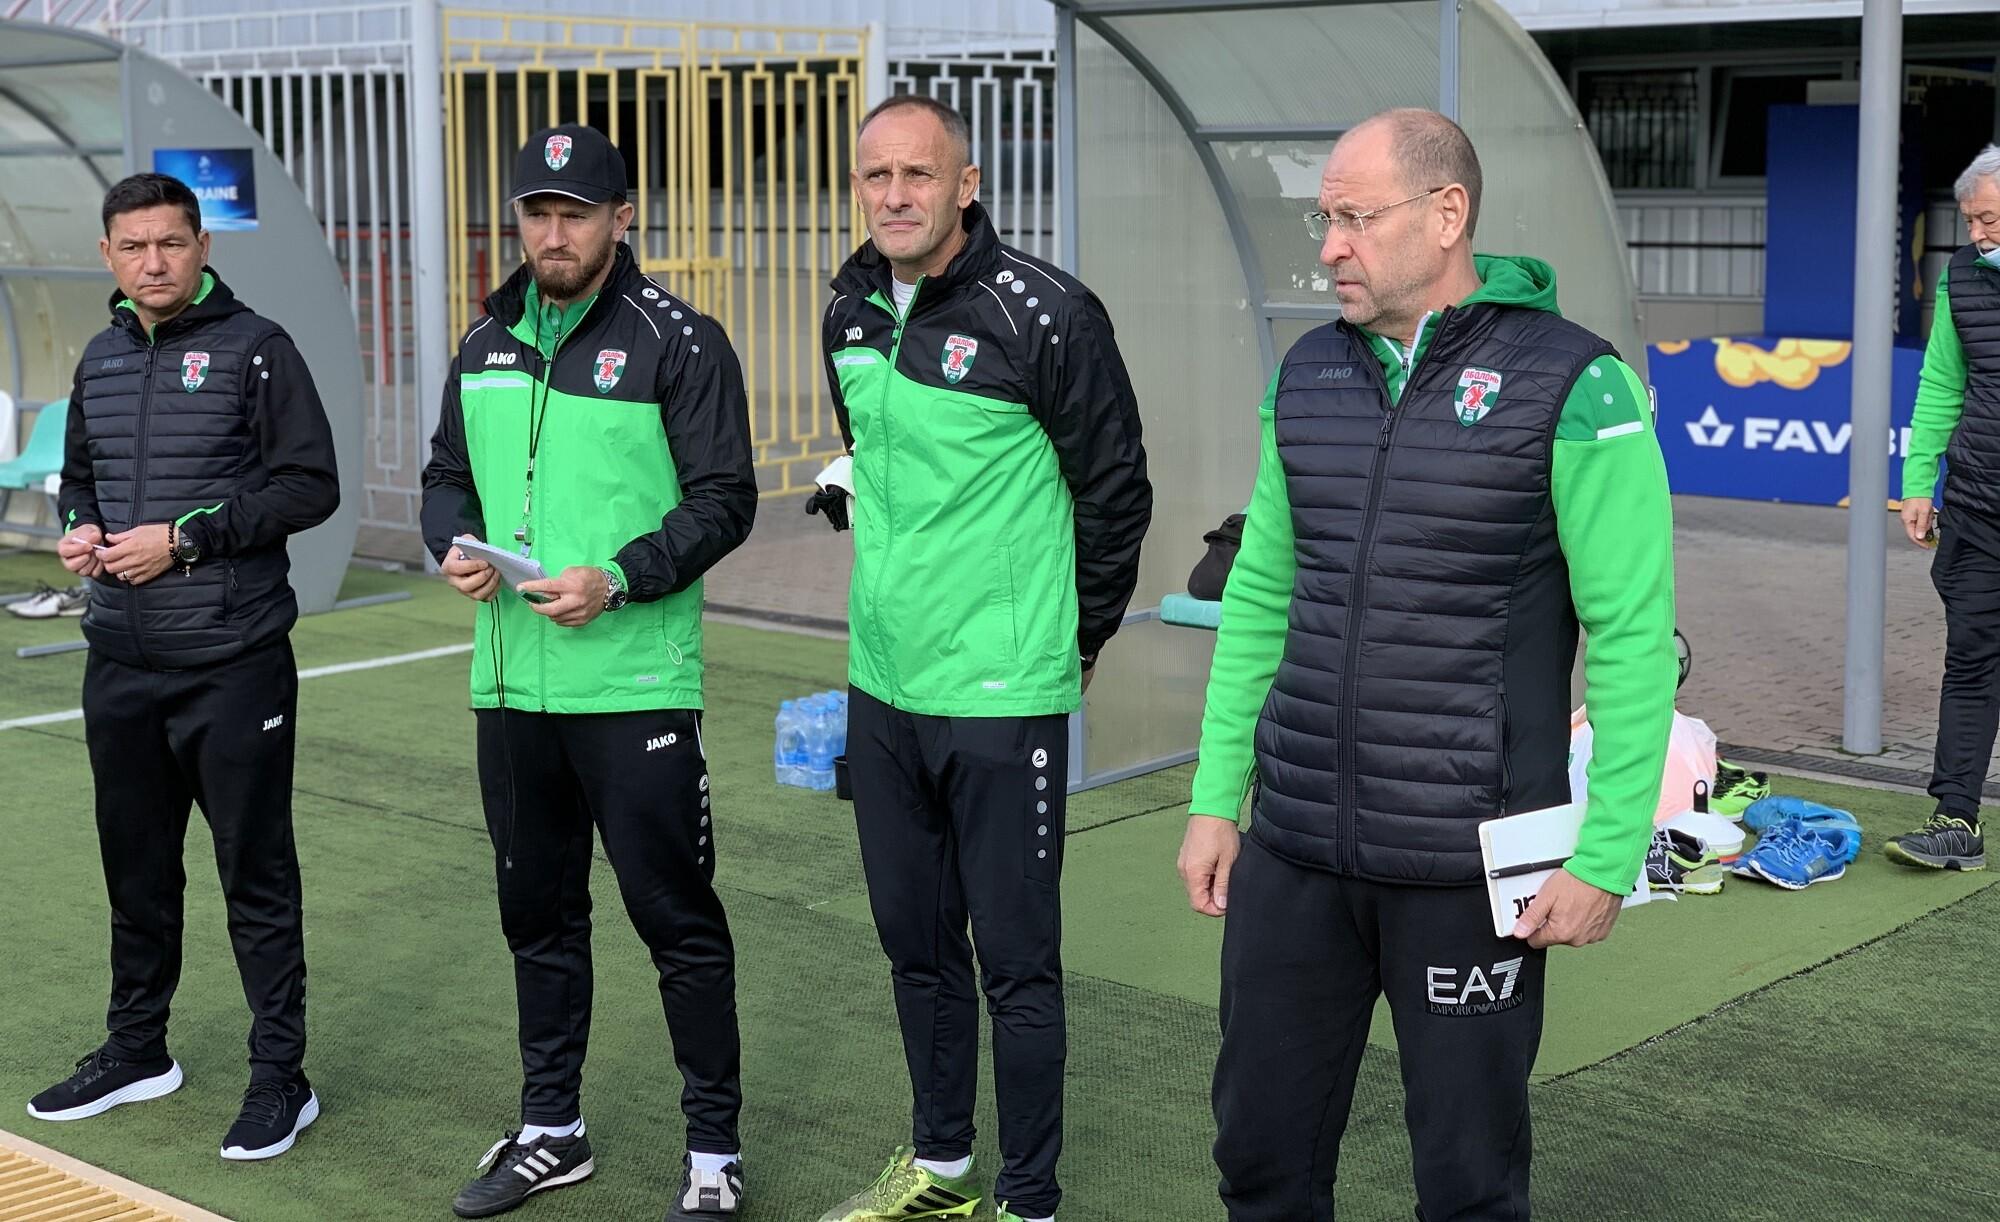 Тренер, открывший Милевского и Алиева, остался без работы